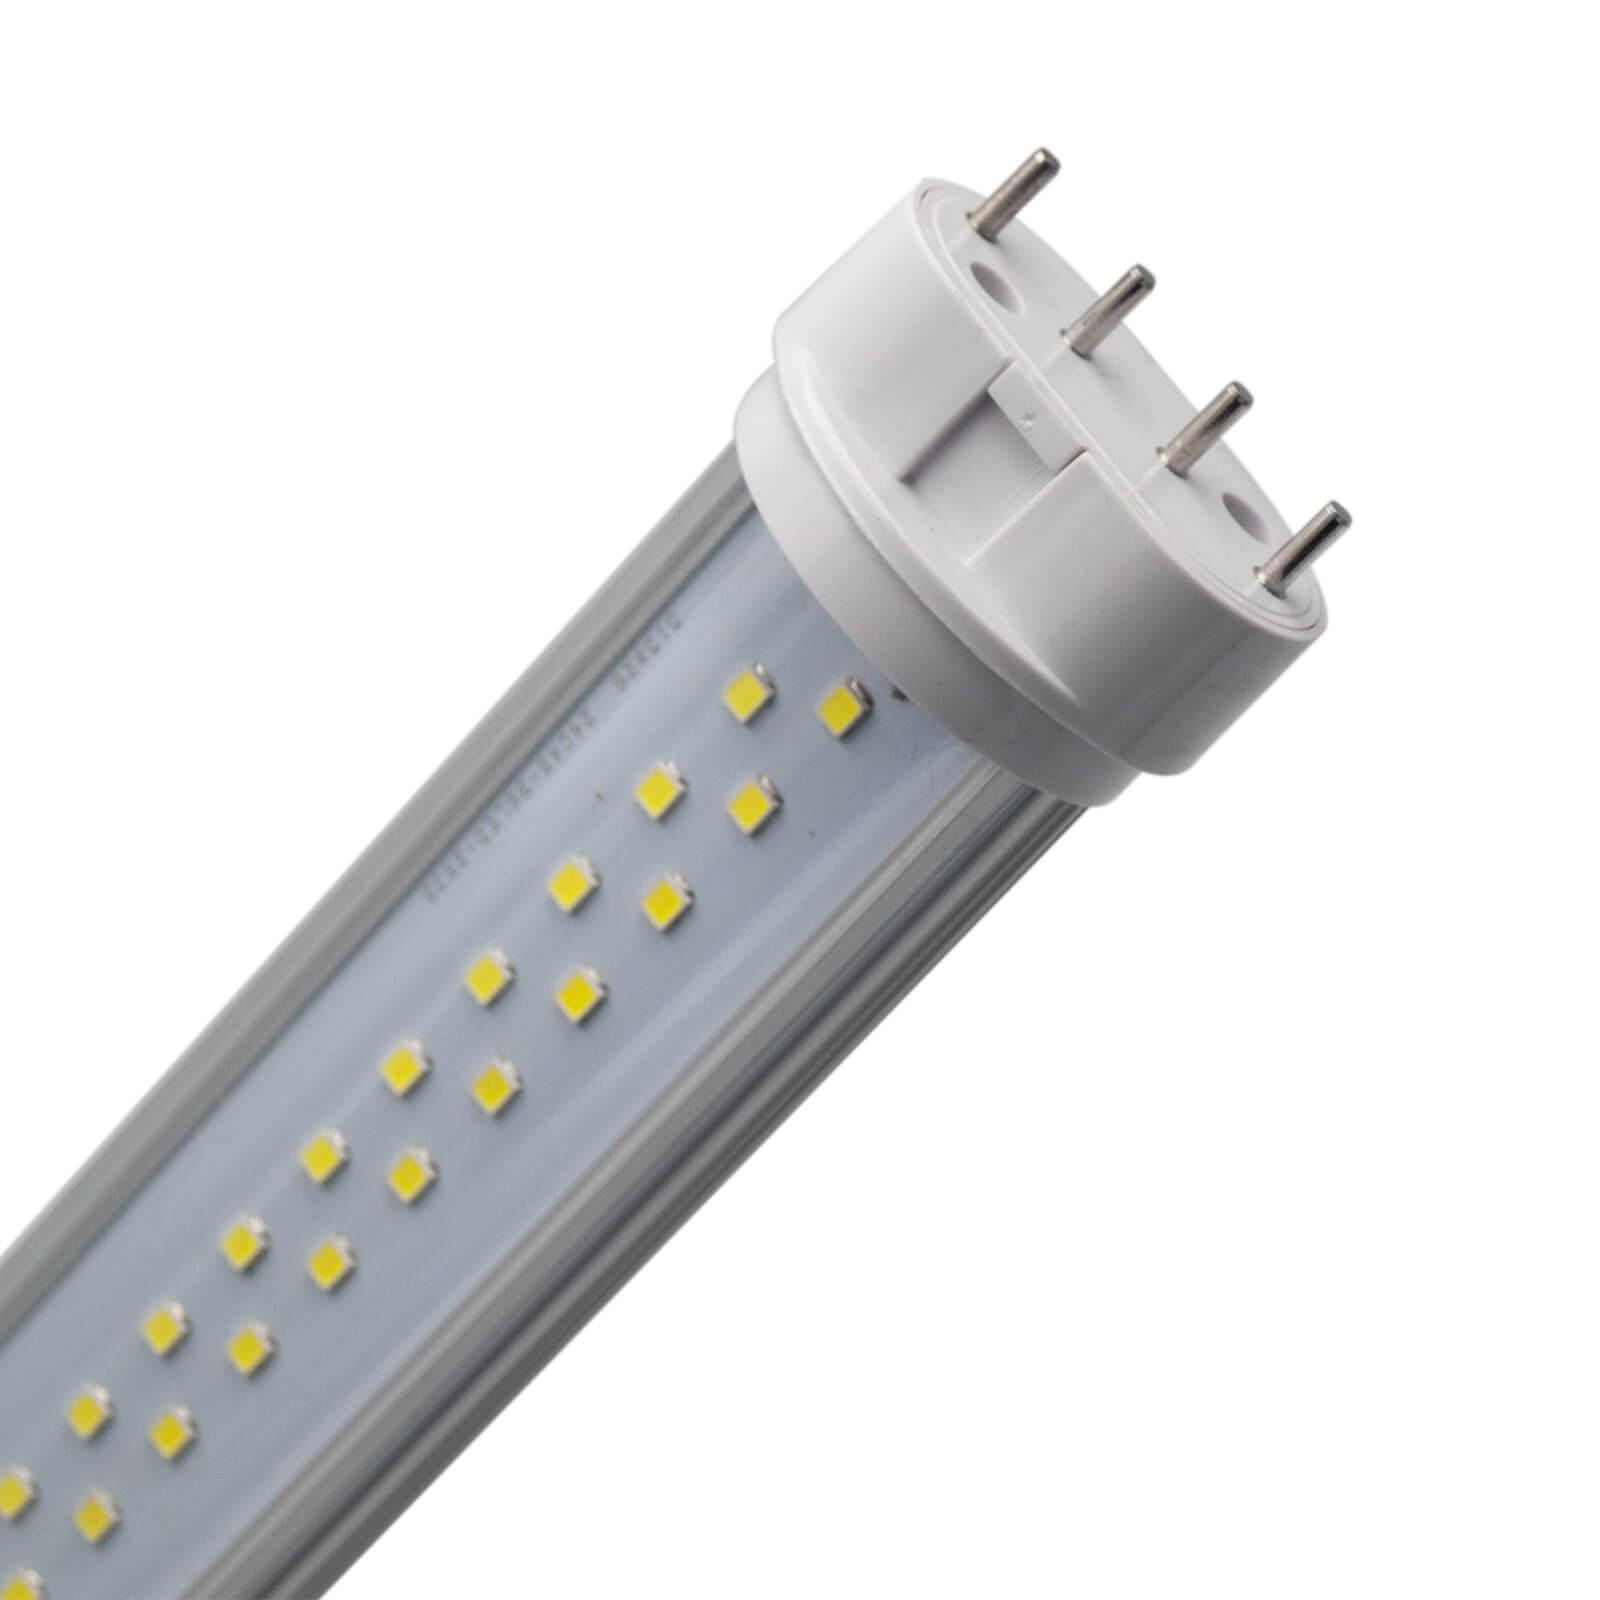 Accensione Lampadario Con Telecomando lampada led 22w da 535 mm 2g11